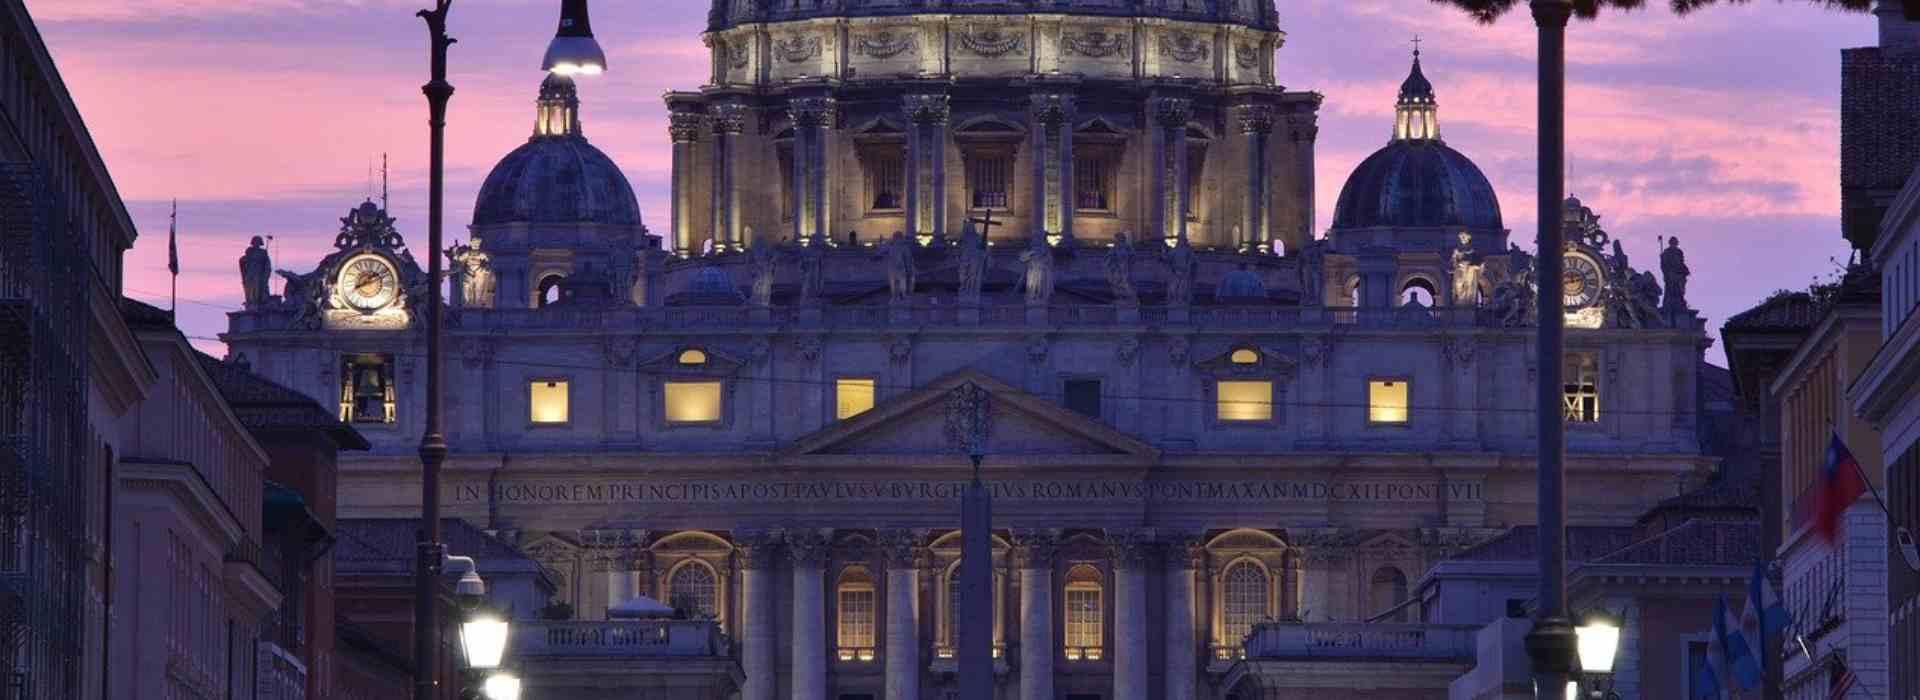 Vaticano, gli abusi e le molestie nel letto